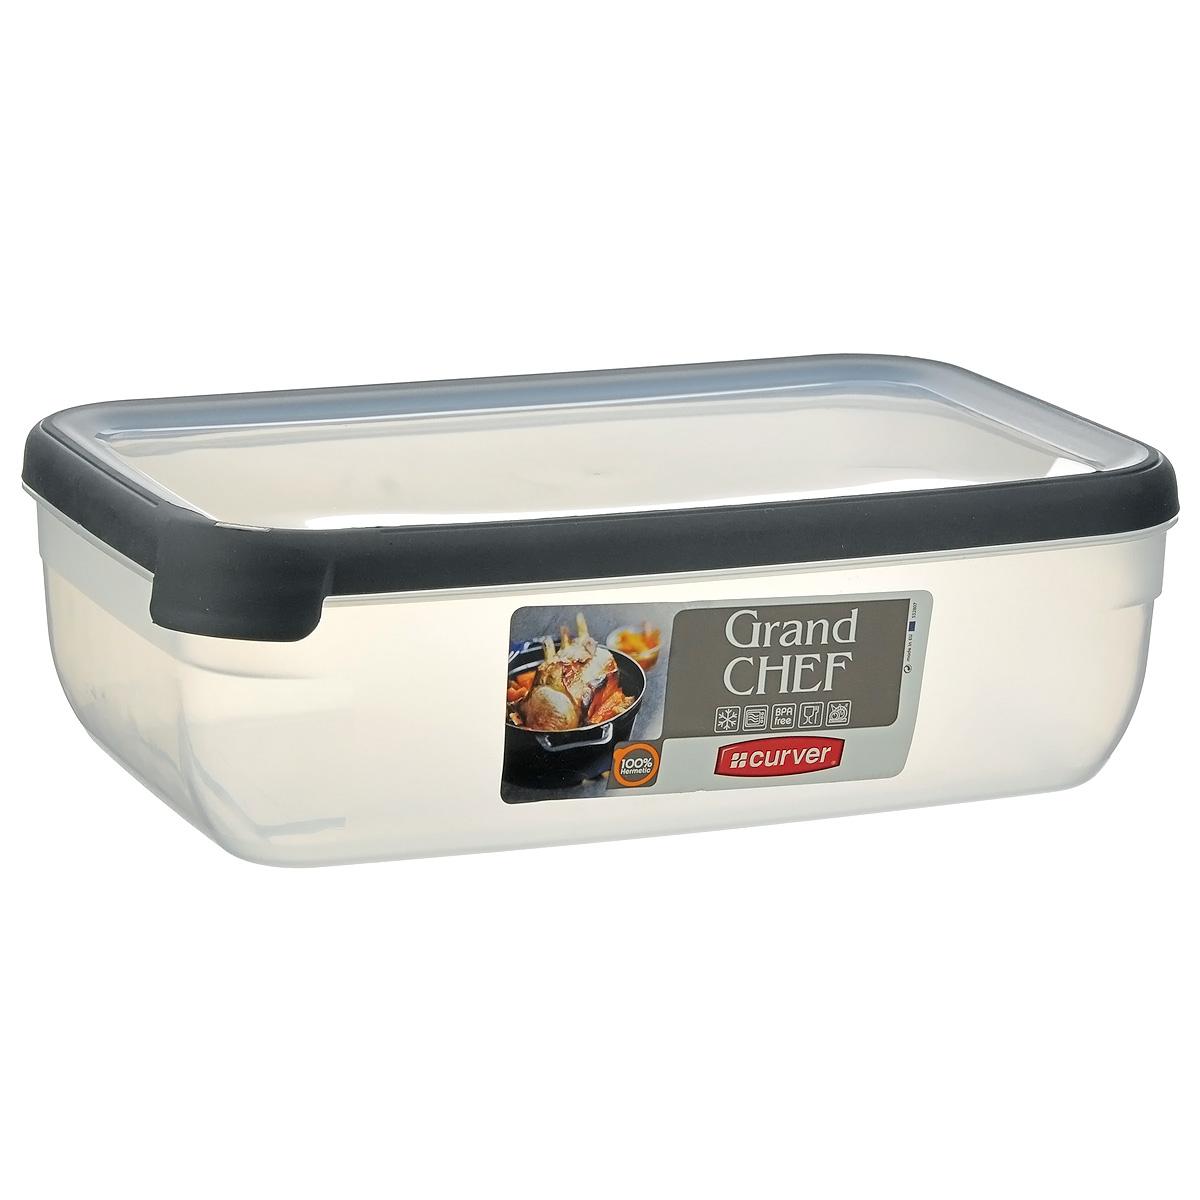 Емкость для заморозки и СВЧ Curver Grand Chef, цвет: серый, 4 лVT-1520(SR)Прямоугольная емкость для заморозки и СВЧ Grand Chef изготовлена из высококачественного пищевого пластика (BPA free), который выдерживает температуру от -40°С до +100°С. Стенки емкости и крышка прозрачные. Крышка по краю оснащена силиконовой вставкой, благодаря которой плотно и герметично закрывается, дольше сохраняя продукты свежими и вкусными. Емкость удобно брать с собой на пикник, дачу, в поход или просто использовать для хранения пищи в холодильнике. Можно использовать в микроволновой печи и для заморозки в морозильной камере. Можно мыть в посудомоечной машине.